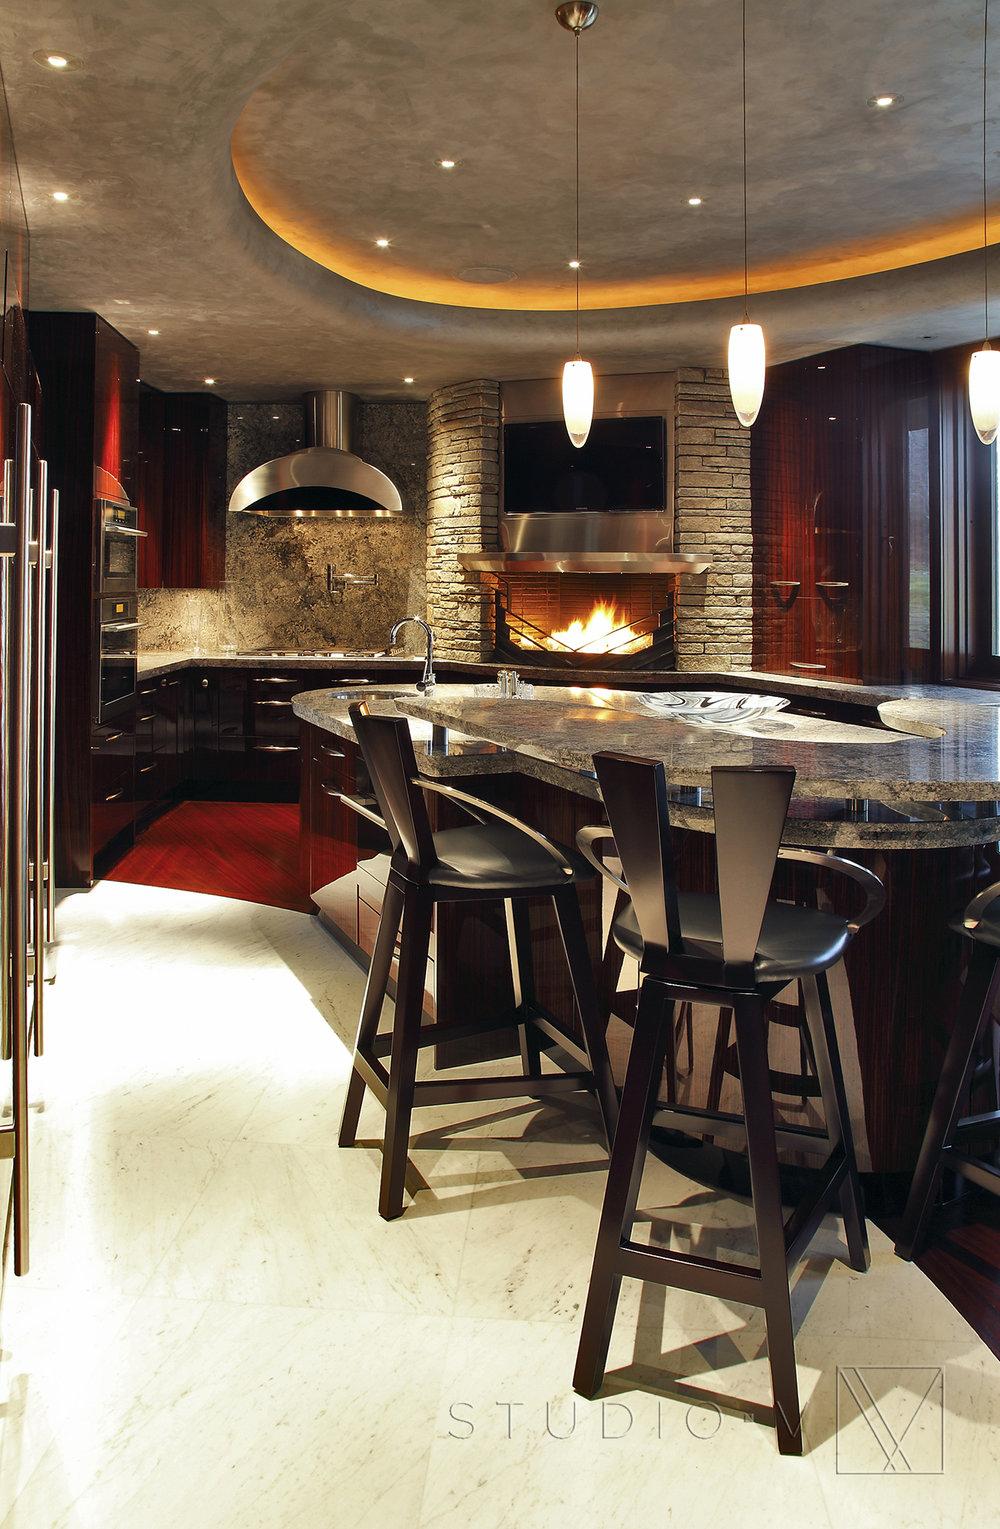 06_Kitchen 1 Studio V Interiors Scottsdale AZ Greenwich CT.jpg